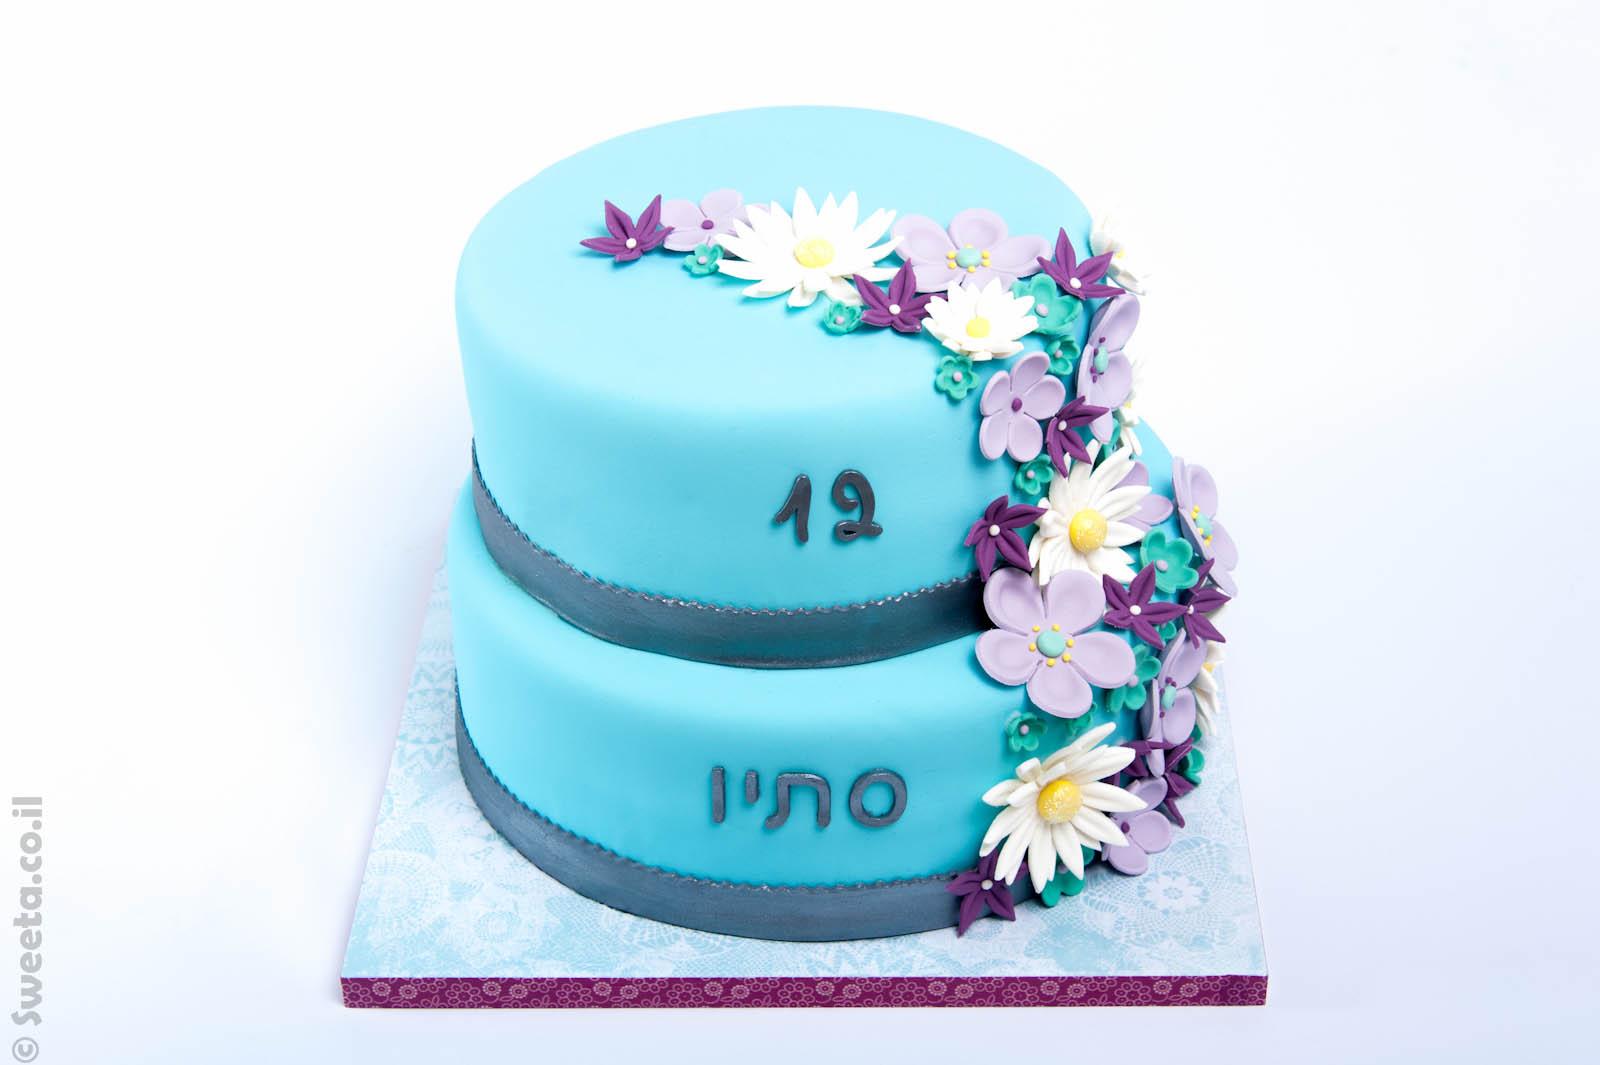 עוגה עם פרחים לכבוד בת מצווה מעוצבת בבצק סוכר